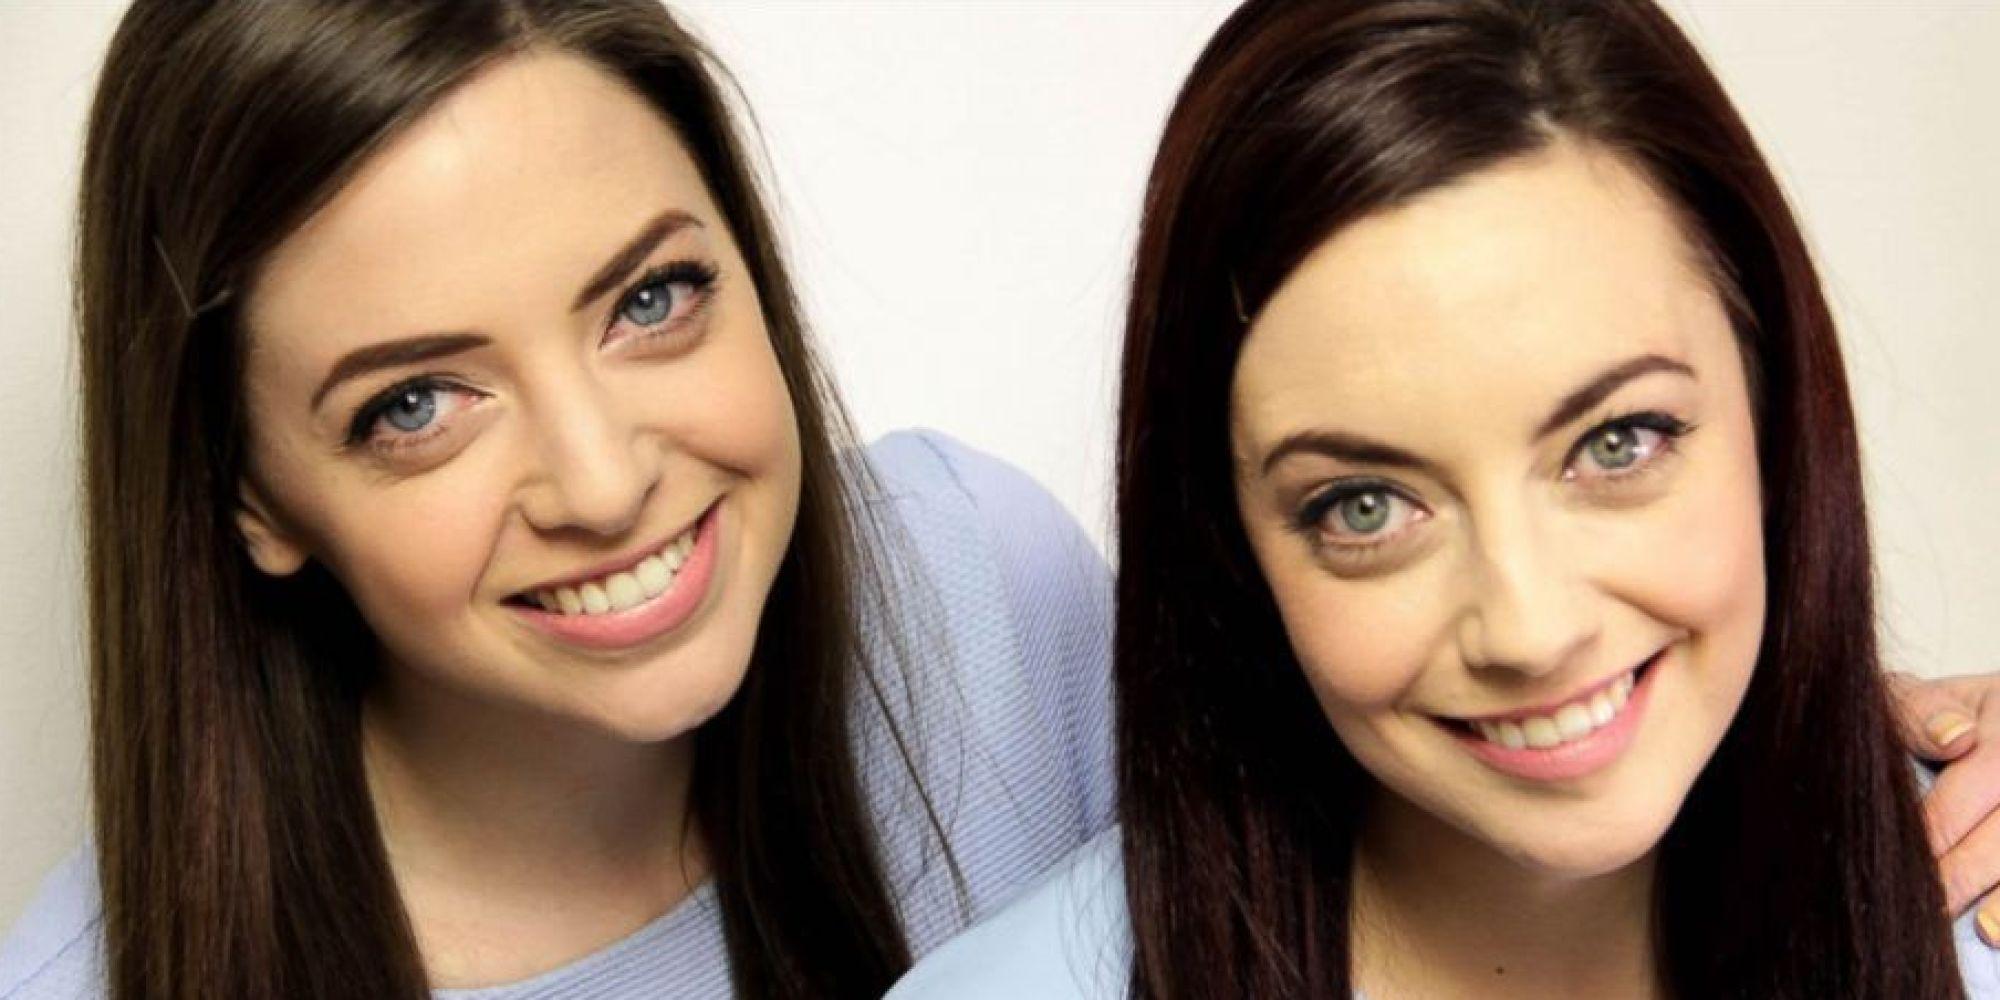 Twinstrangers.com